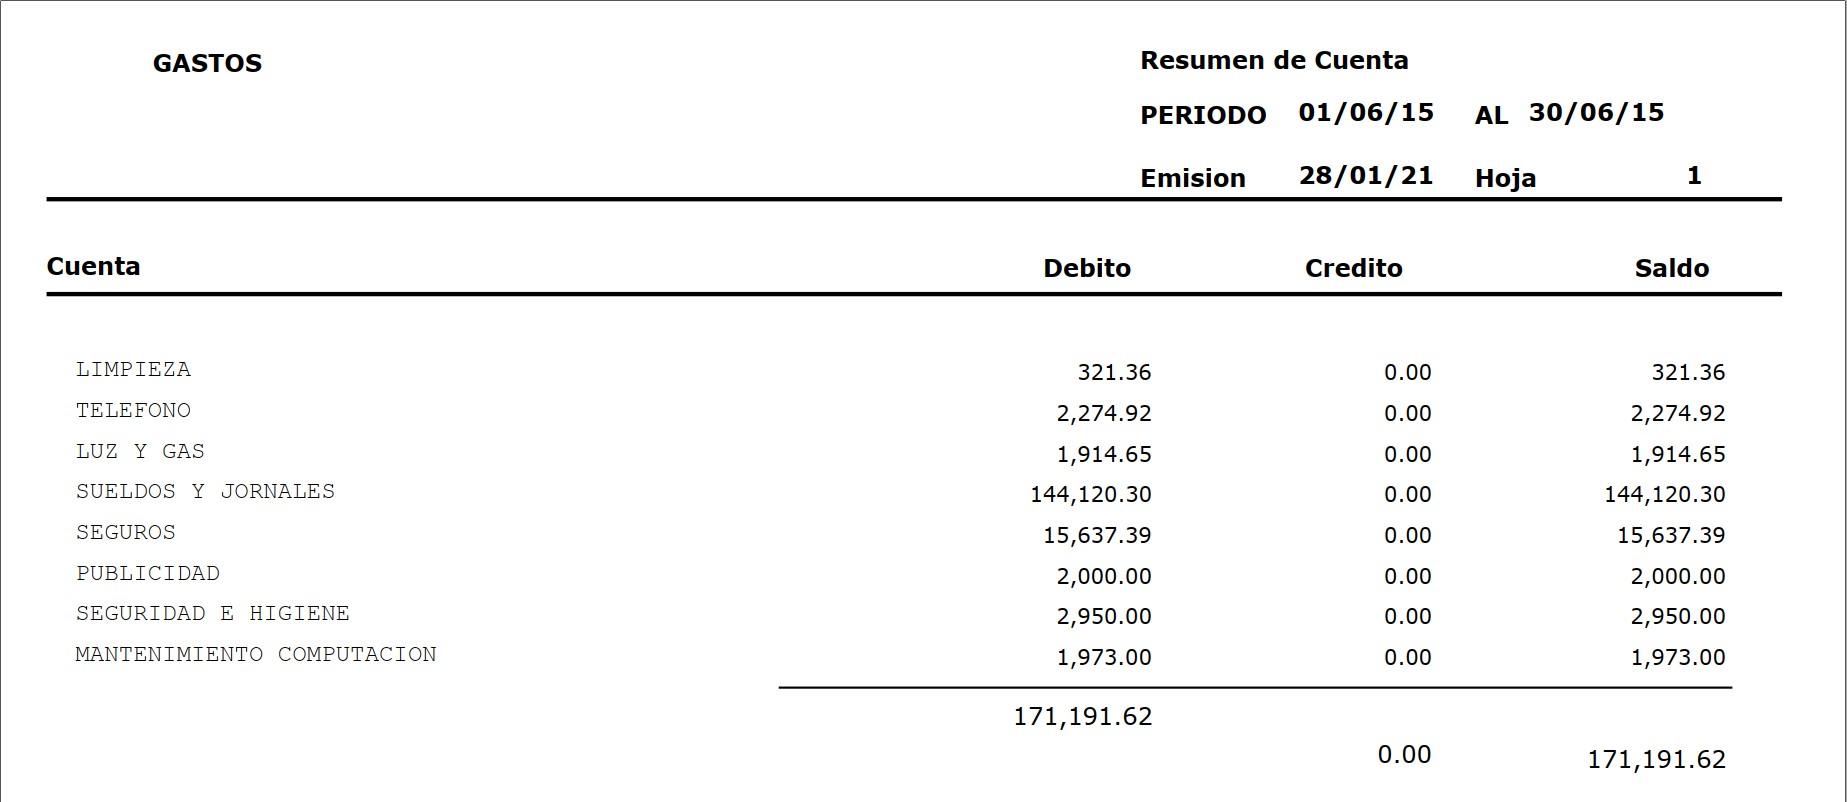 Listado de Resumen de Cuentas